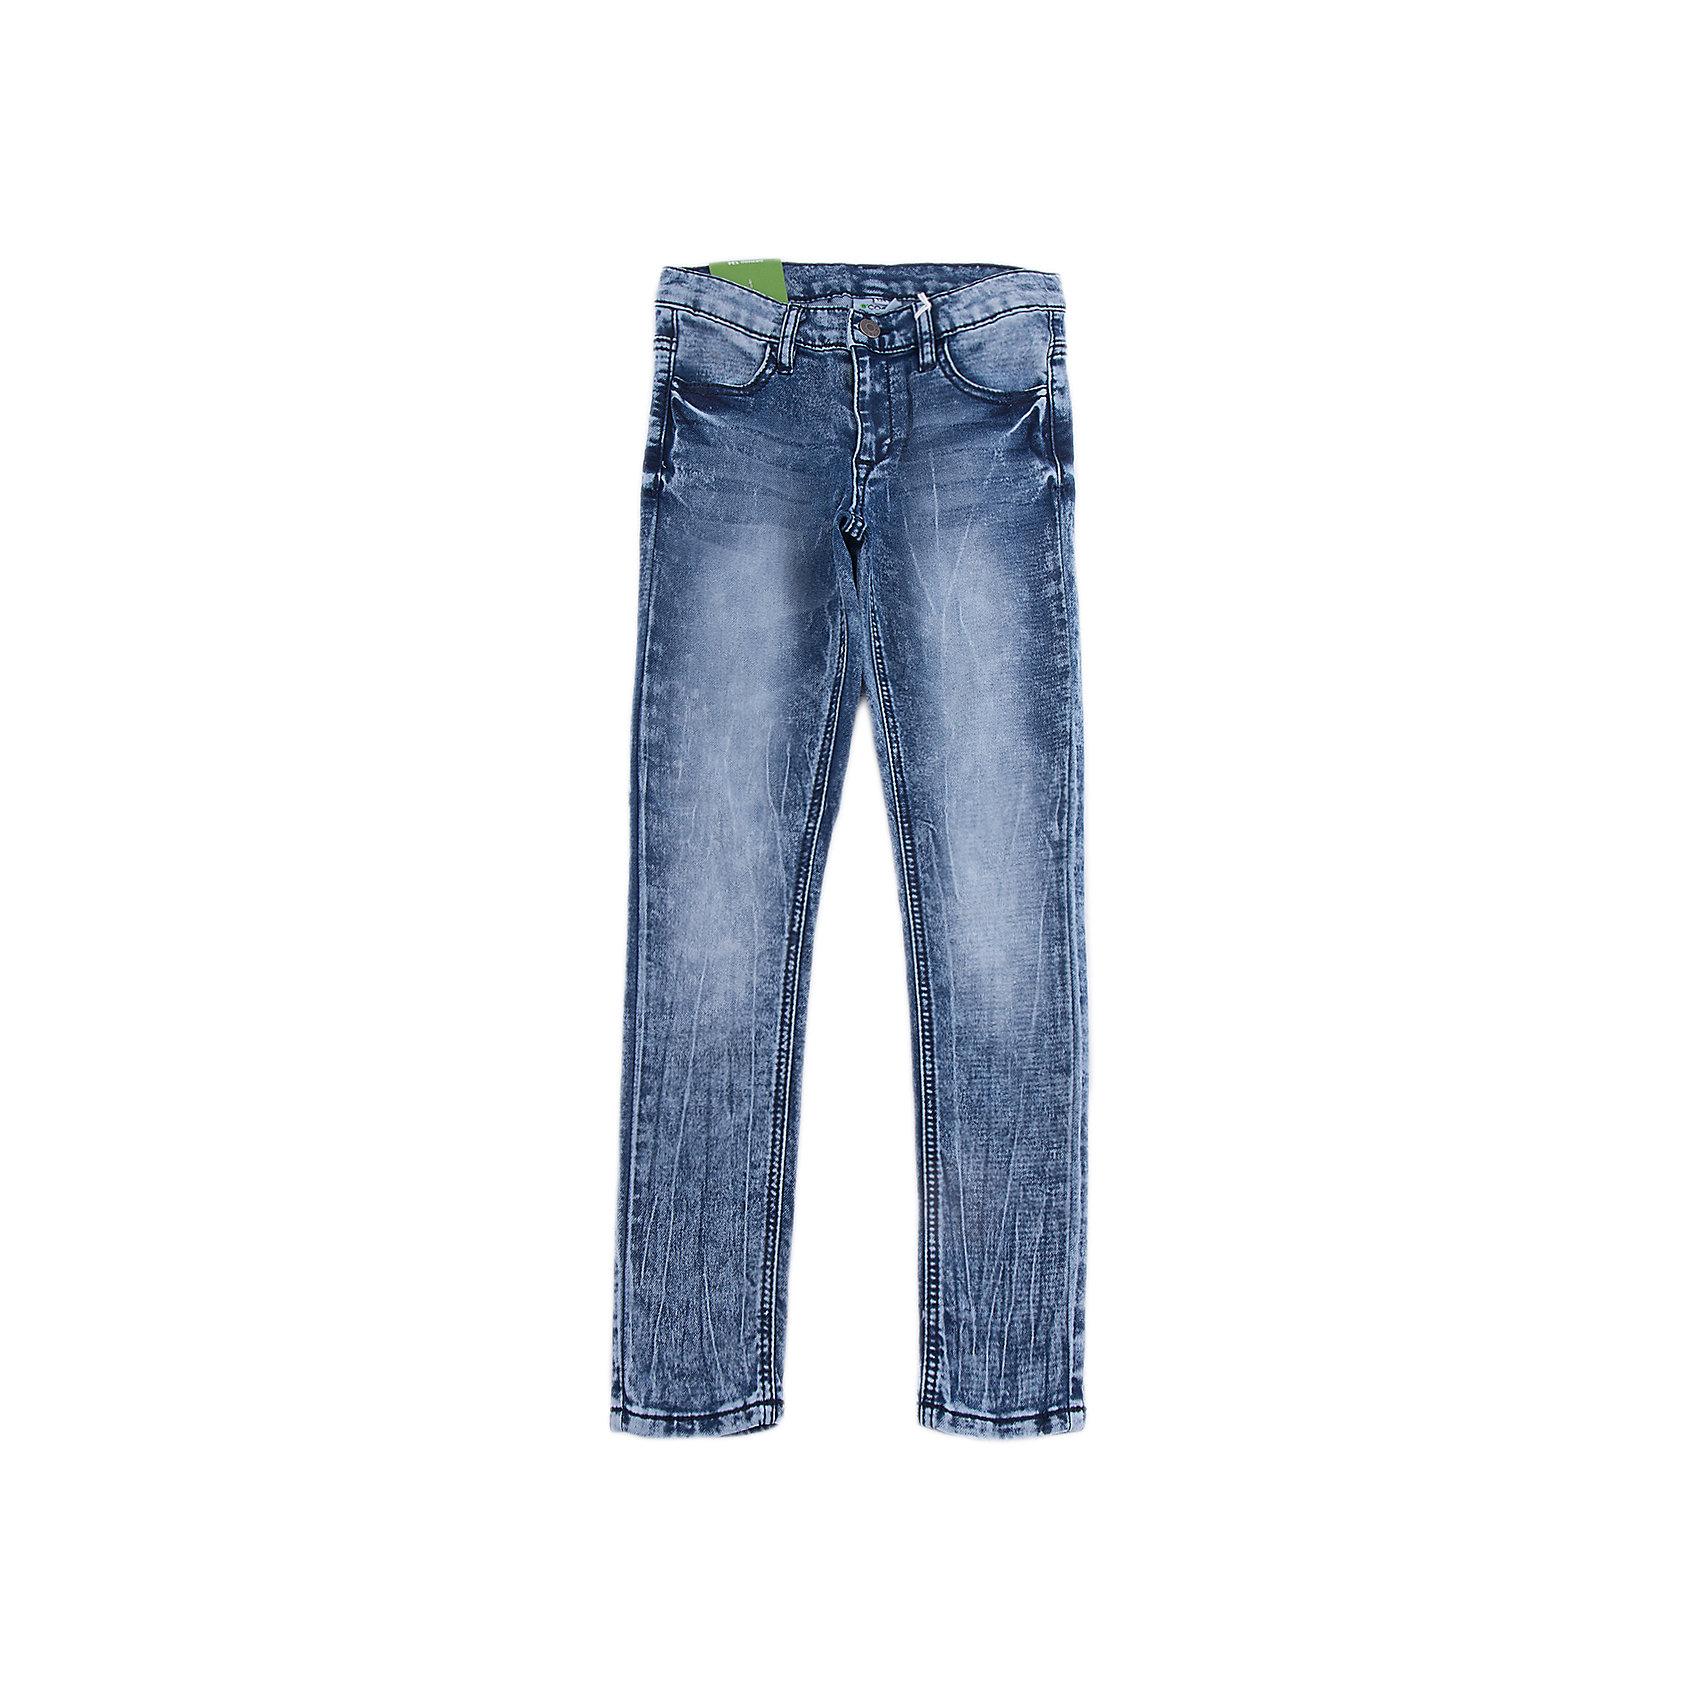 Джинсы Scool для девочкиДжинсовая одежда<br>Характеристики товара:<br><br>• цвет: синий;<br>• состав: 55% хлопок, 43% полиэстер, 2% эластан;<br>• сезон: демисезон;<br>• особенности: с потертостями;<br>• застежка: ширинка на молнии и пуговица;<br>• классическая модель;<br>• наличие шлевок для ремня;<br>• джинсы с потертостями;<br>• 5-ти карманная модель;<br>• коллекция: Привет, Париж!;<br>• страна бренда: Германия;<br>• страна изготовитель: Китай.<br><br>Джинсы Scool для девочки. Брюки - джинсы из смесовой ткани с высоким содержанием хлопка. Классическая 5-ти карманная модель со шлевками. В качестве декора использованы потертости.<br><br>Джинсы Scool для девочки (Скул) можно купить в нашем интернет-магазине.<br><br>Ширина мм: 215<br>Глубина мм: 88<br>Высота мм: 191<br>Вес г: 336<br>Цвет: синий<br>Возраст от месяцев: 96<br>Возраст до месяцев: 108<br>Пол: Женский<br>Возраст: Детский<br>Размер: 134,164,158,152,146,140<br>SKU: 7105659